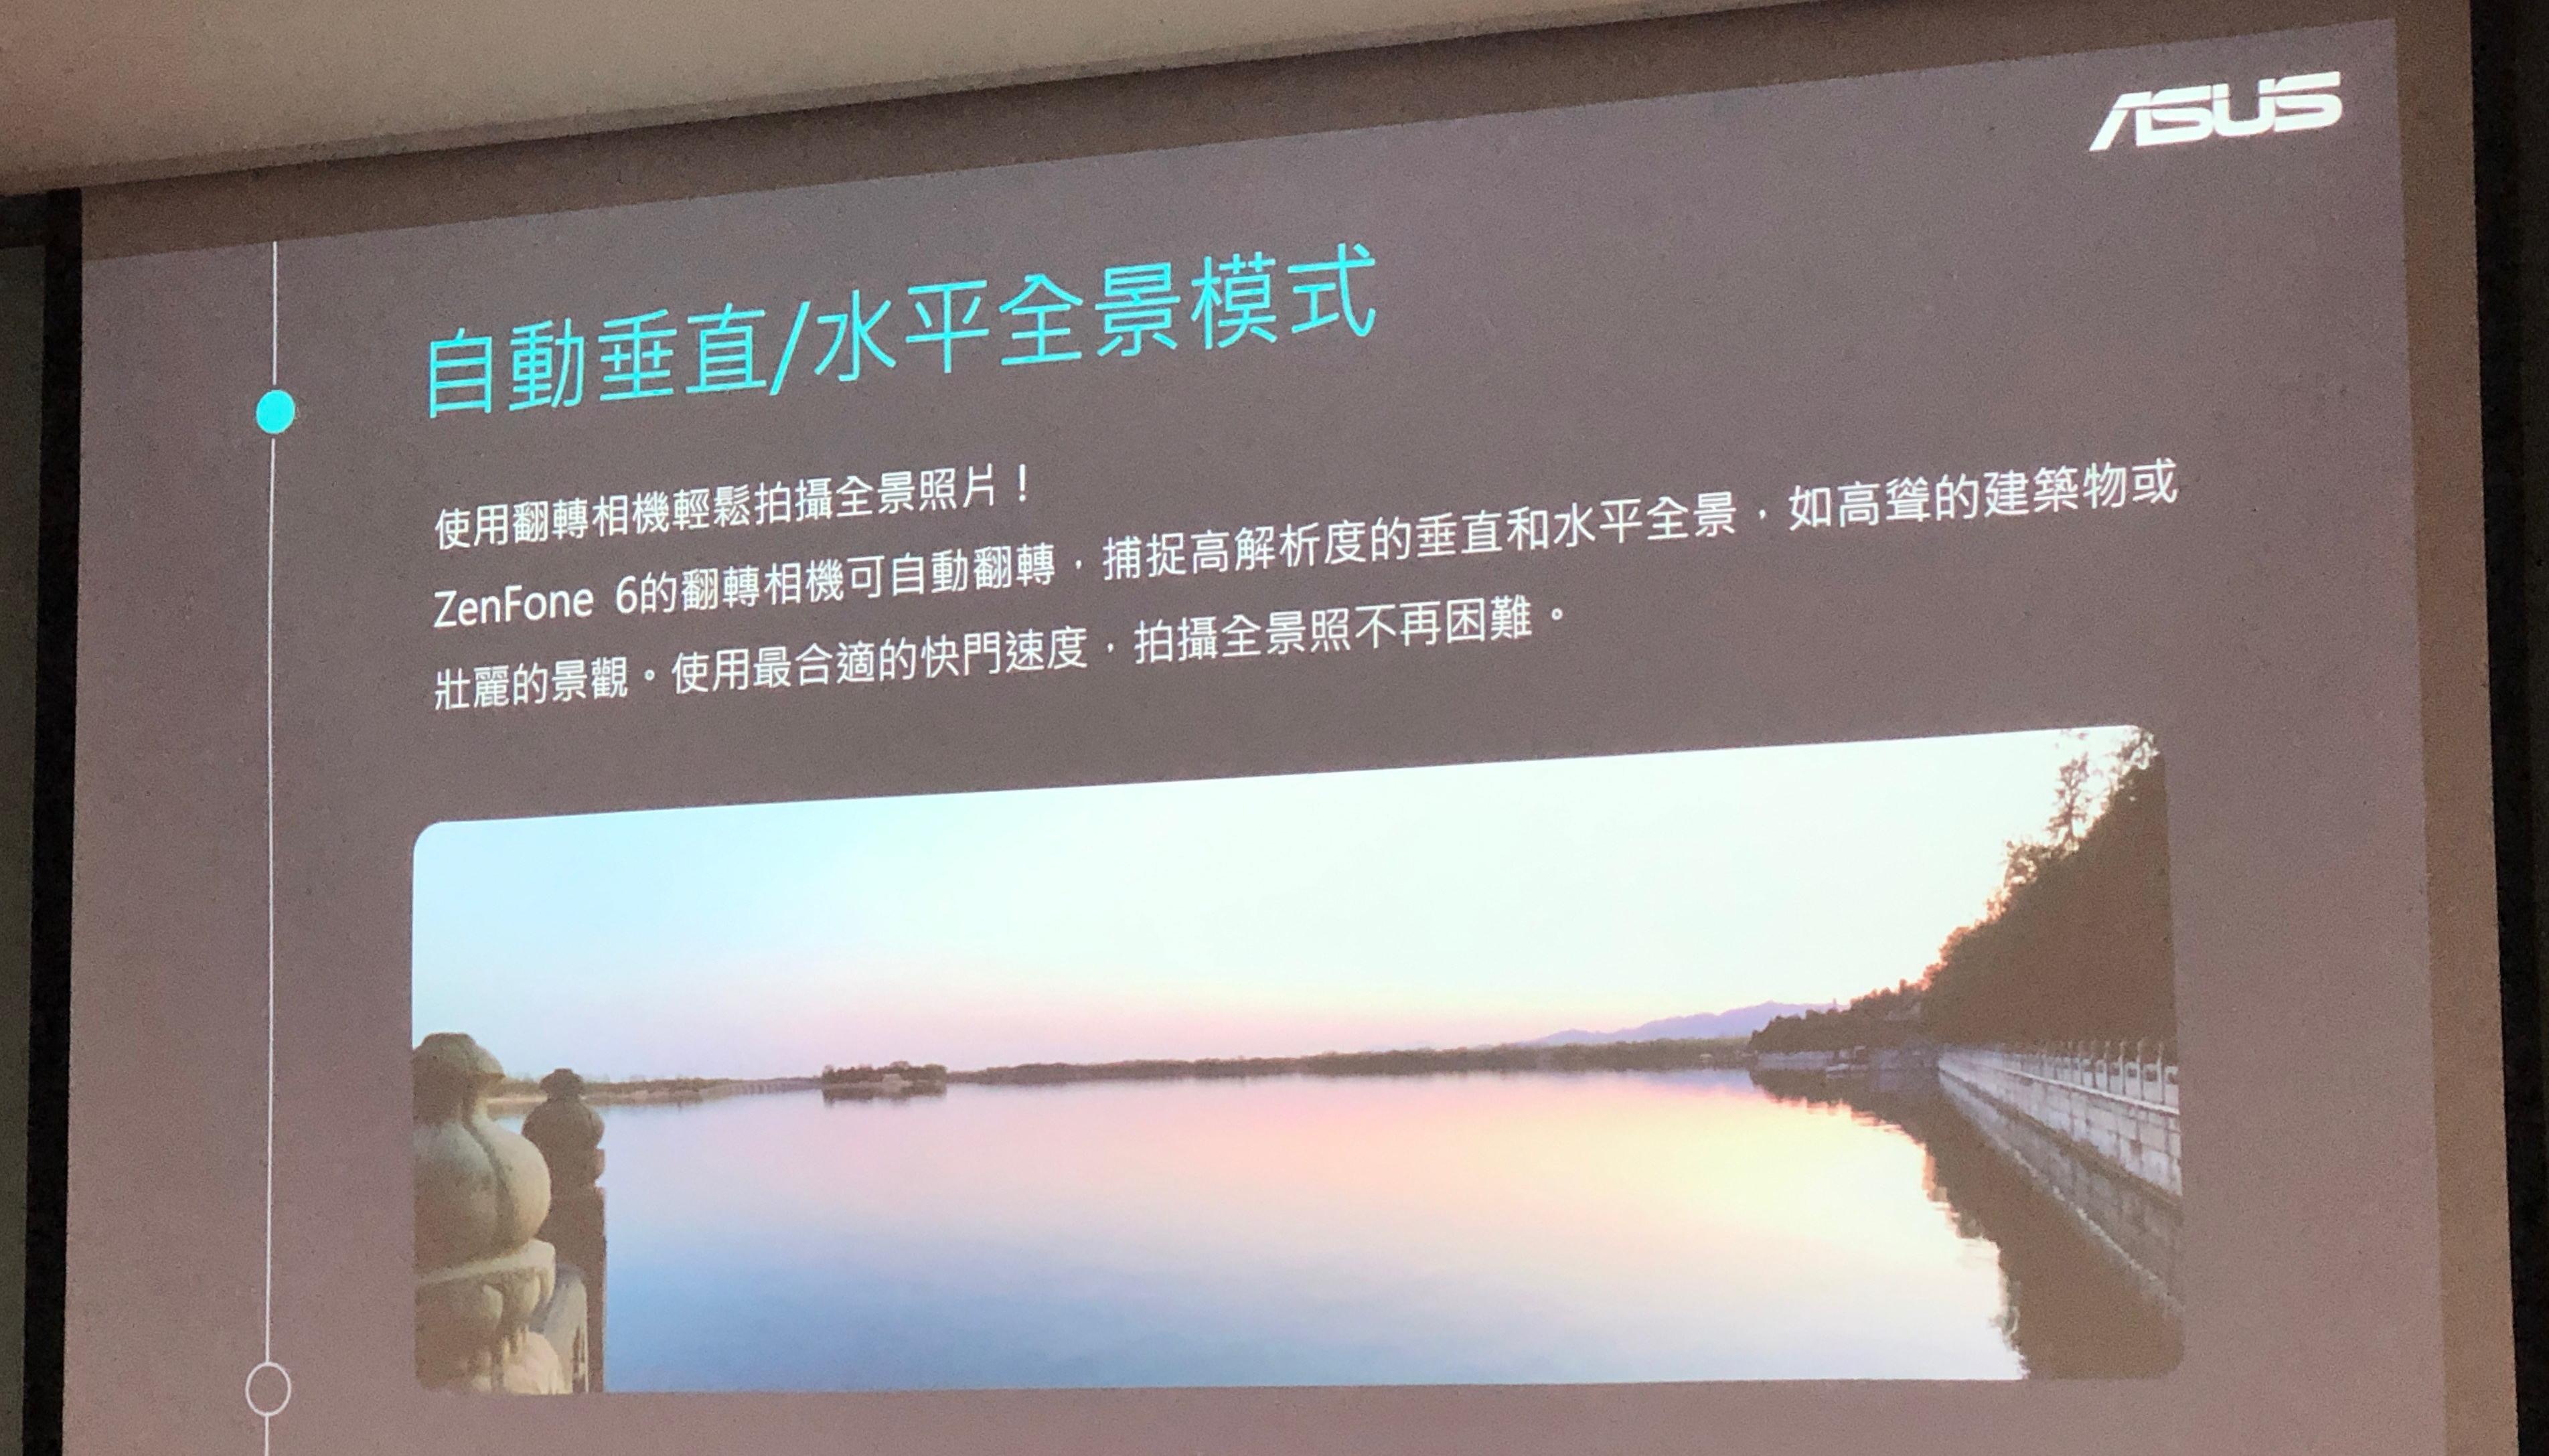 Zenfone 6 「自動垂直/水平全景」